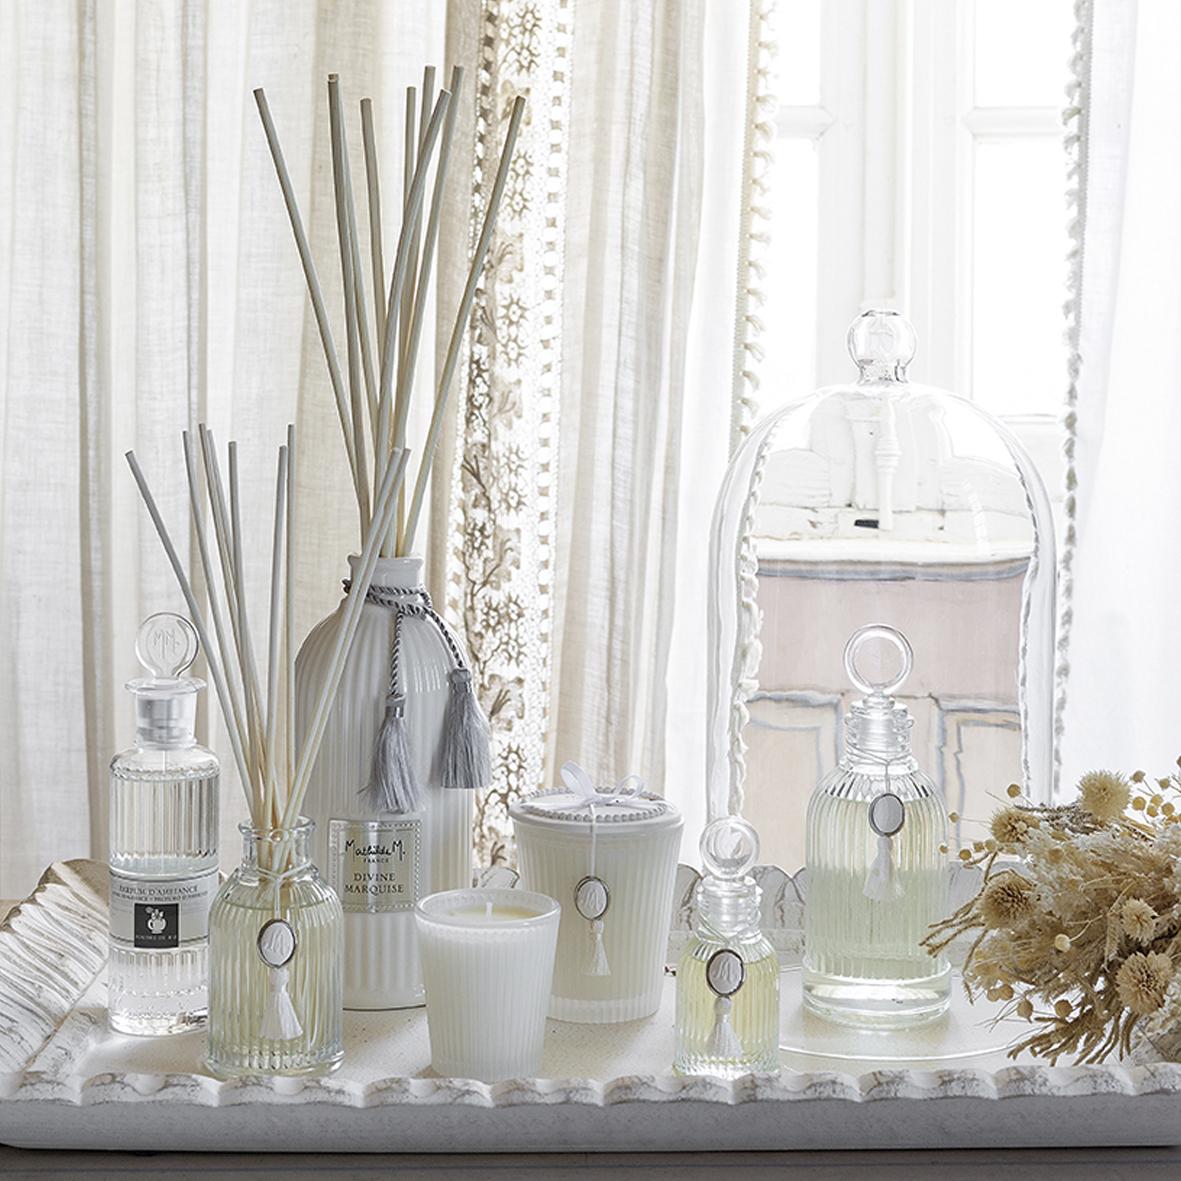 Venise gm blanc blanc d 39 ivoire - Meuble blanc d ivoire ...